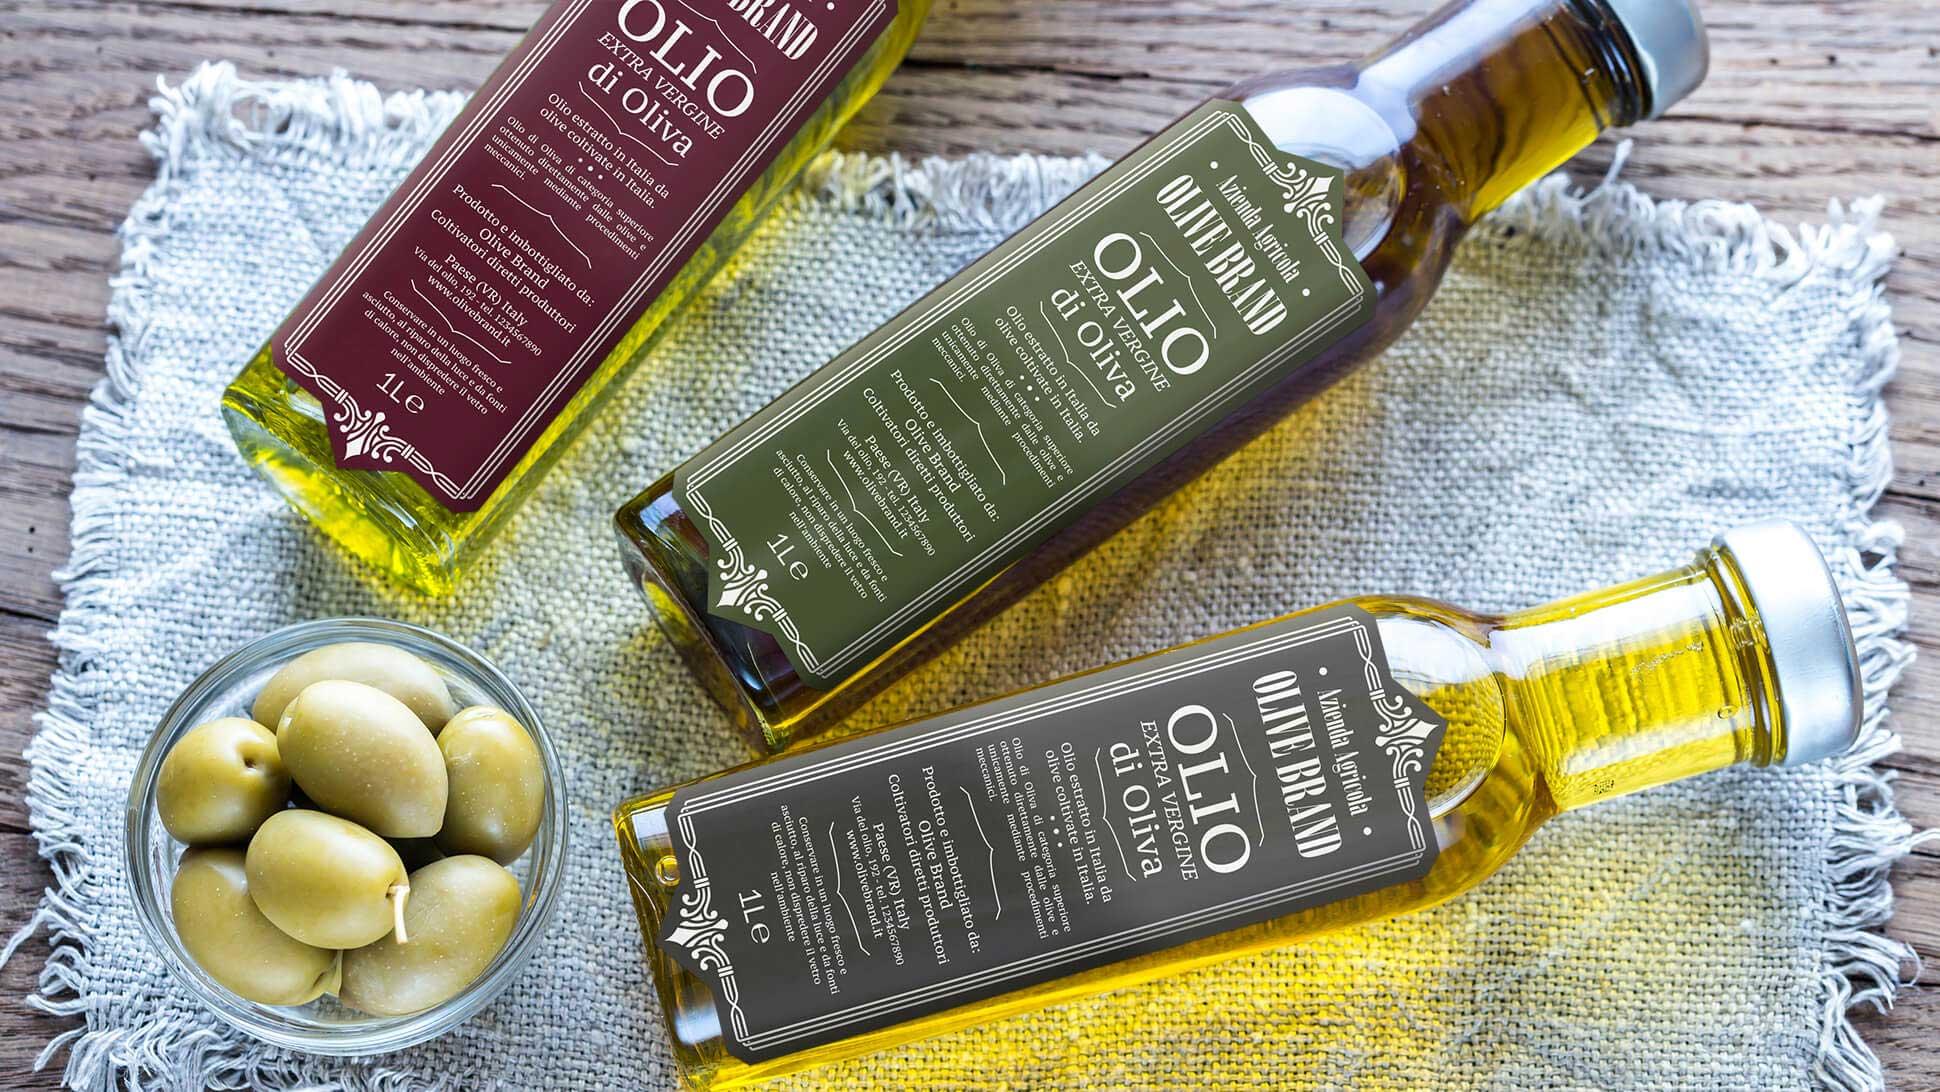 Etichette per olio: tutta la bellezza del made in Italy